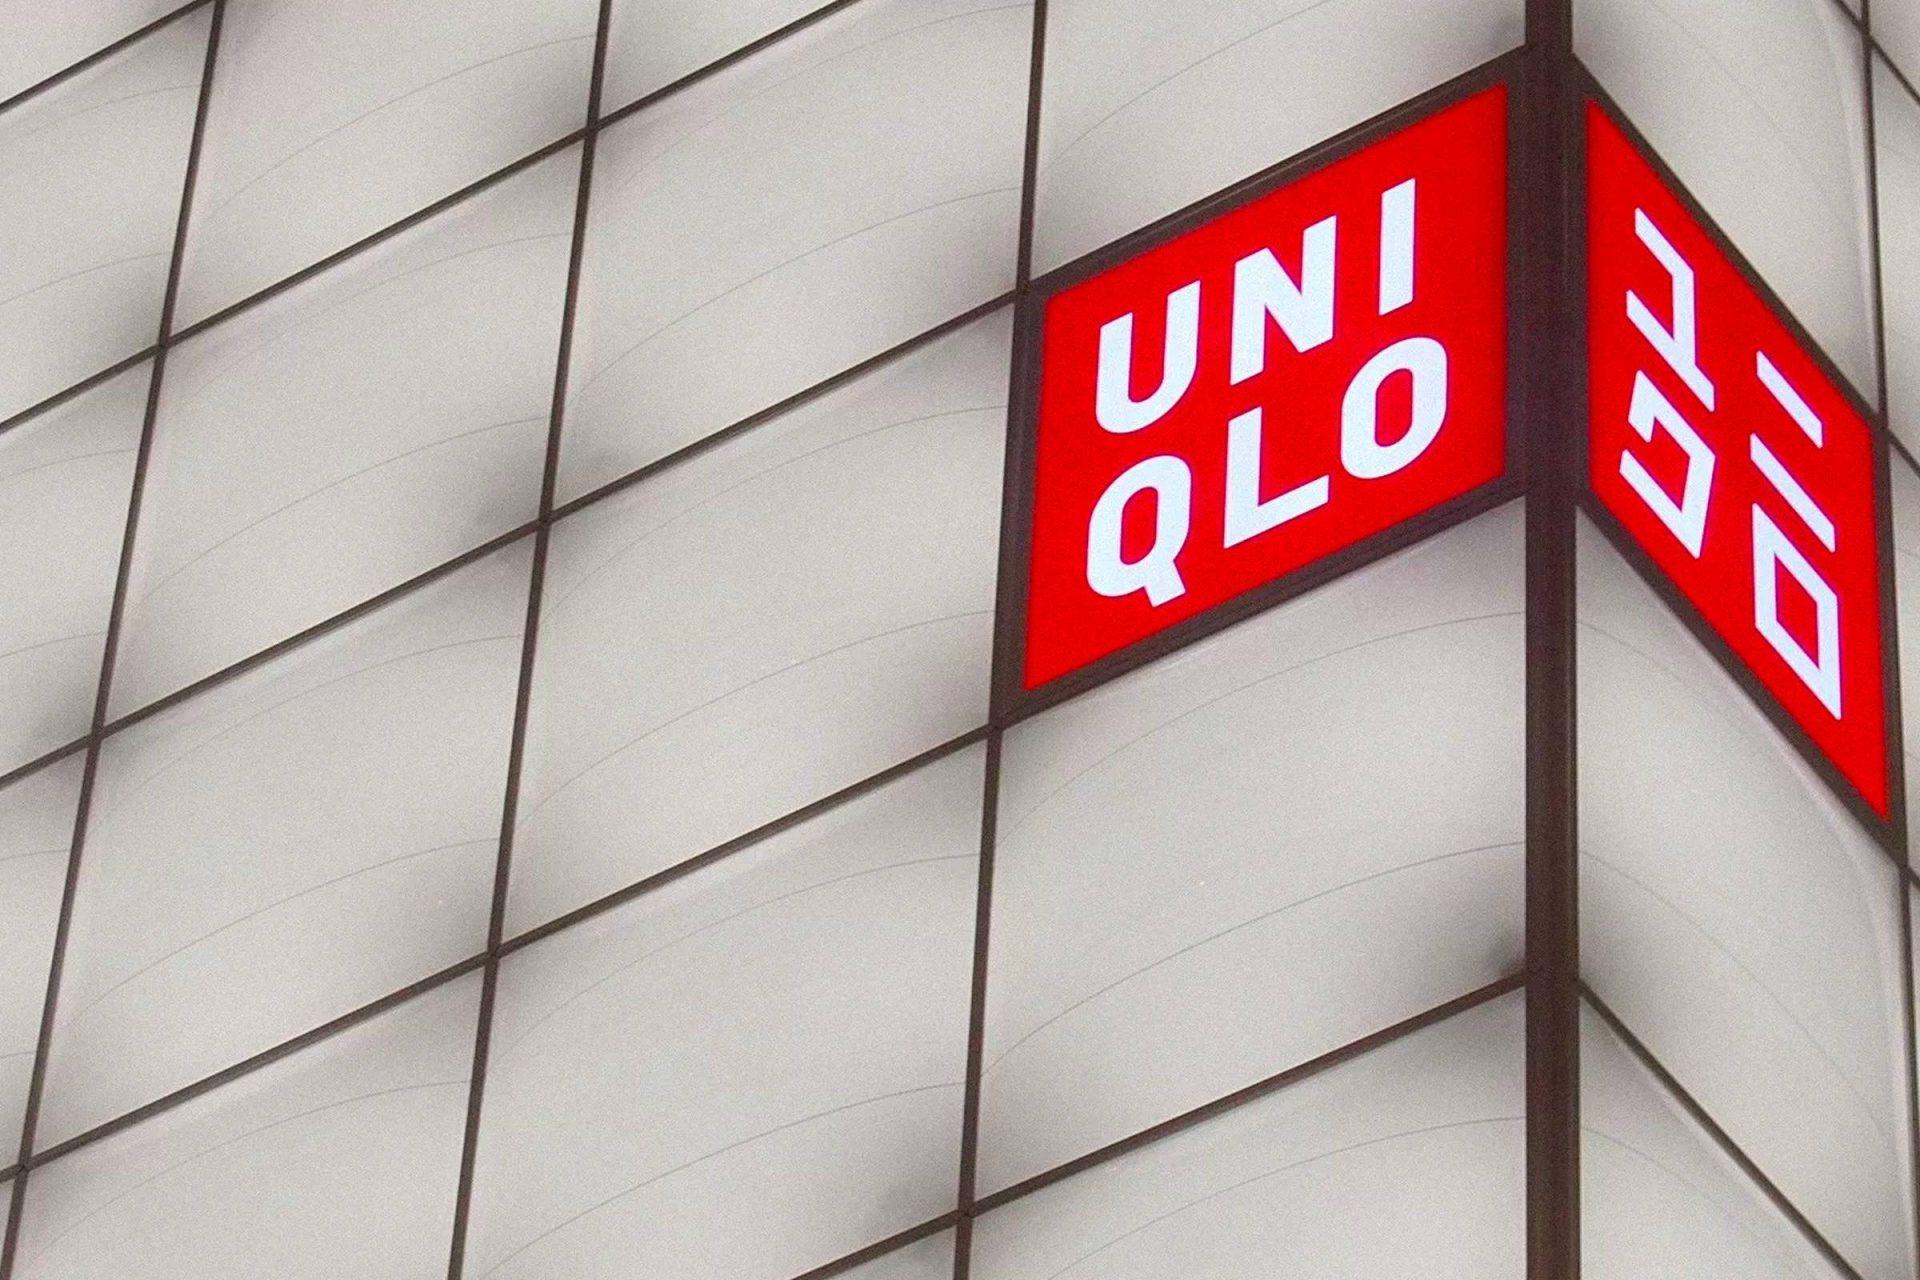 Uniqlo headquarters